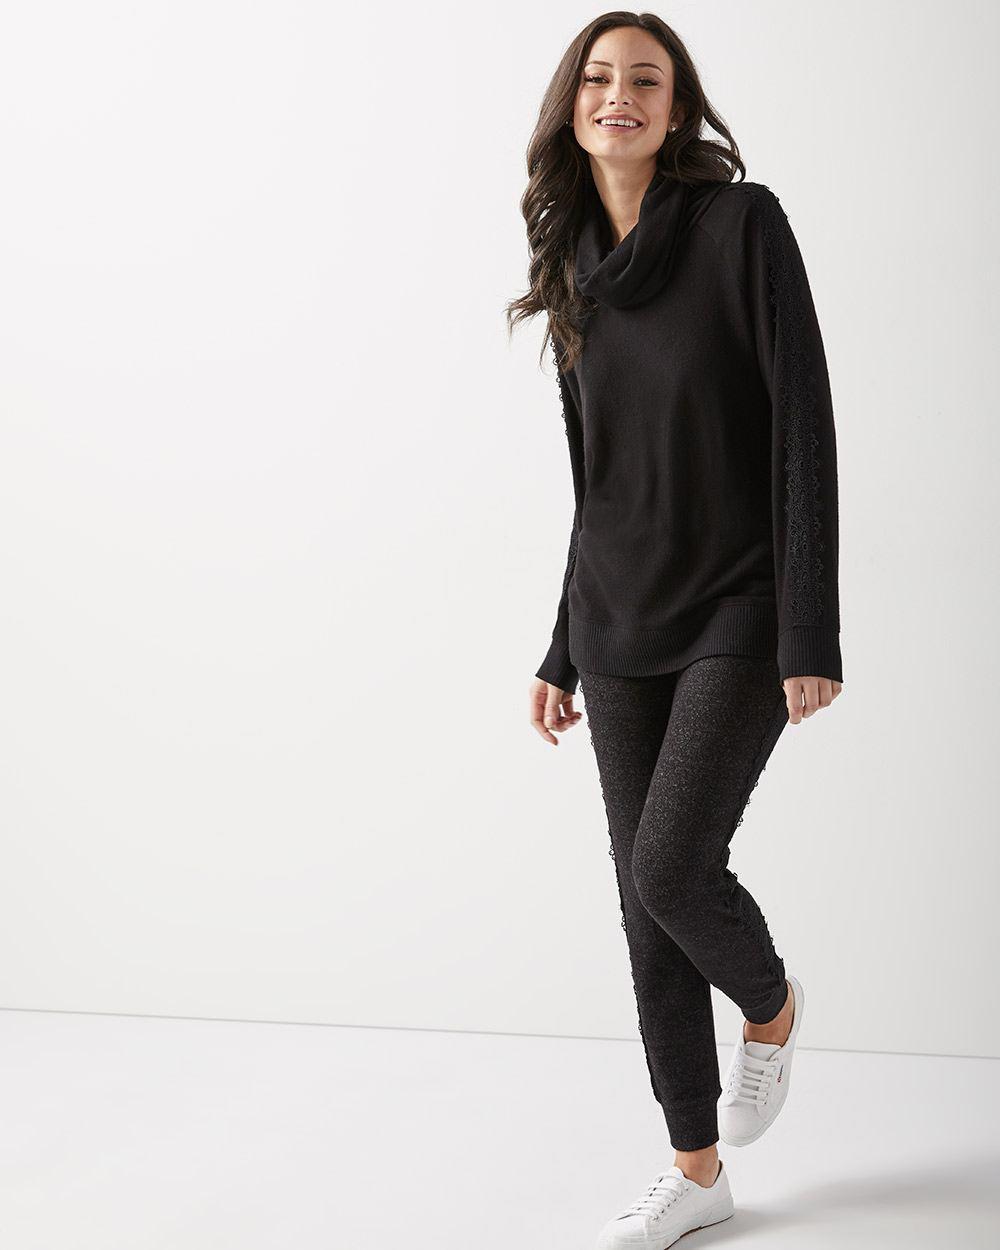 Lace-trimmed Loungewear turtleneck t-shirt  2dee855a3